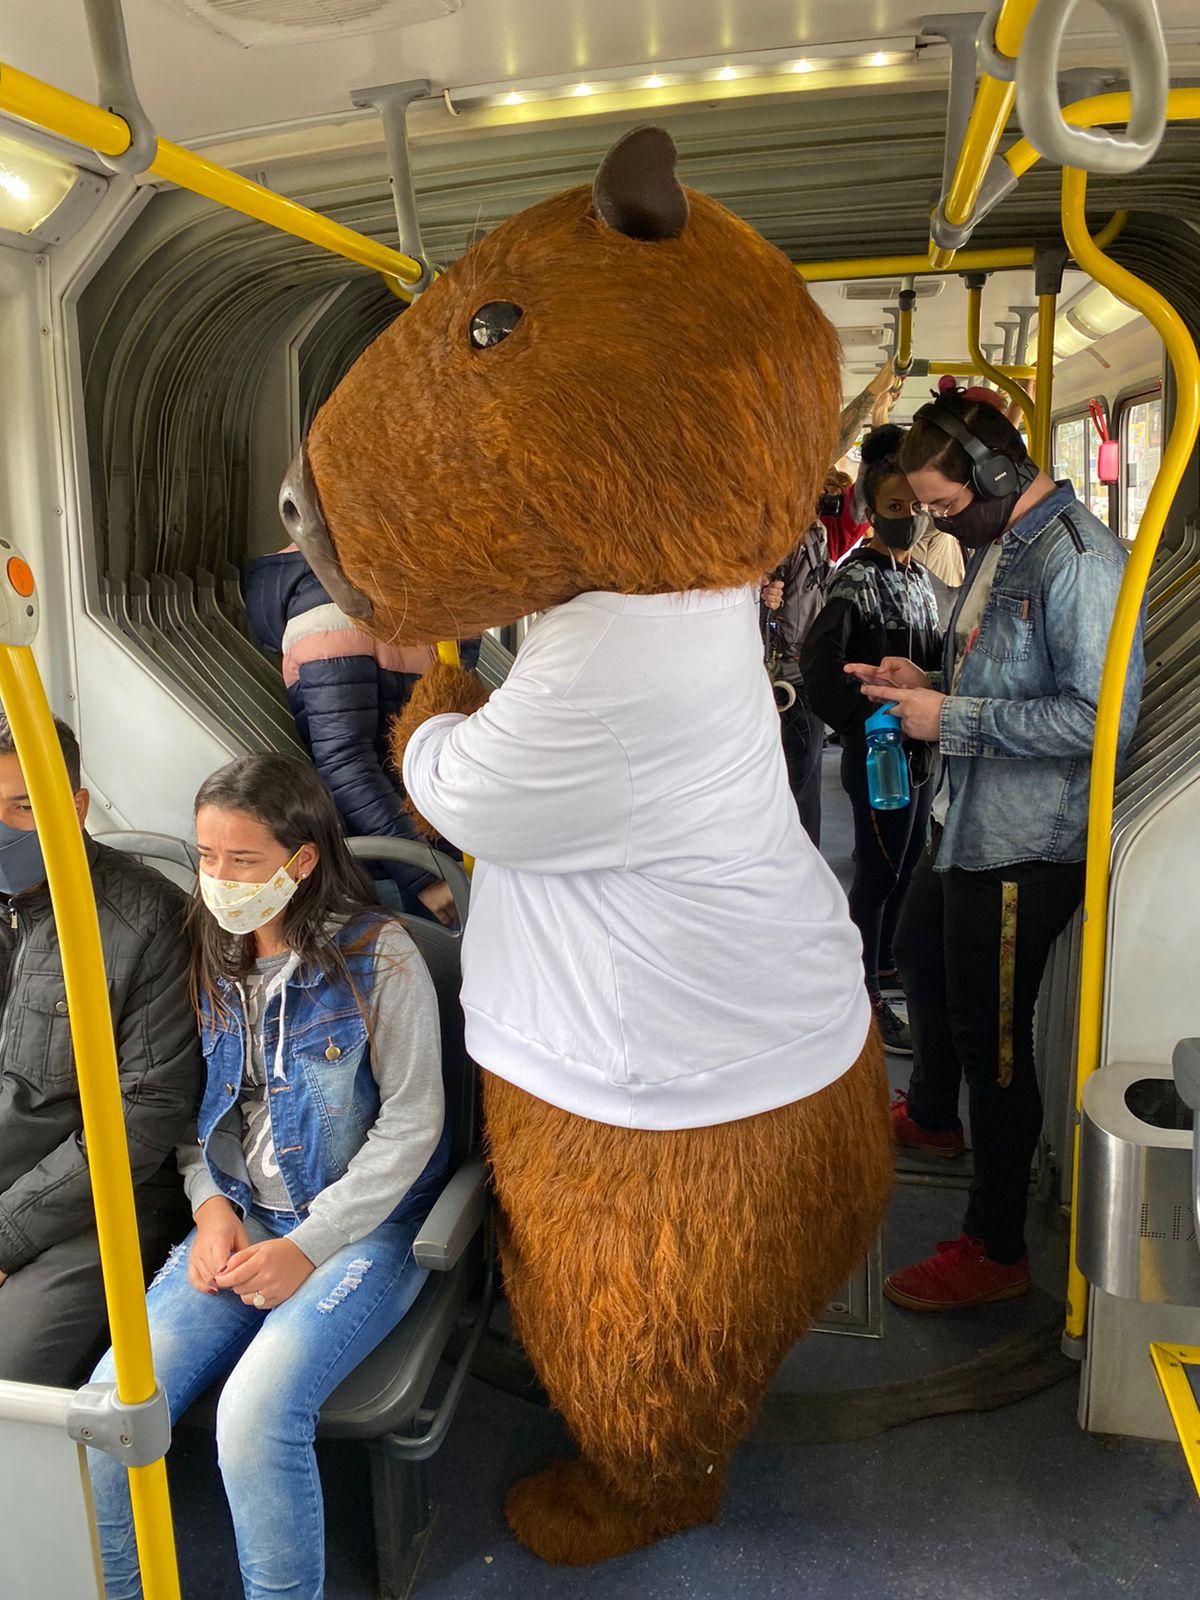 capivara dentro do ônibus metropolitano